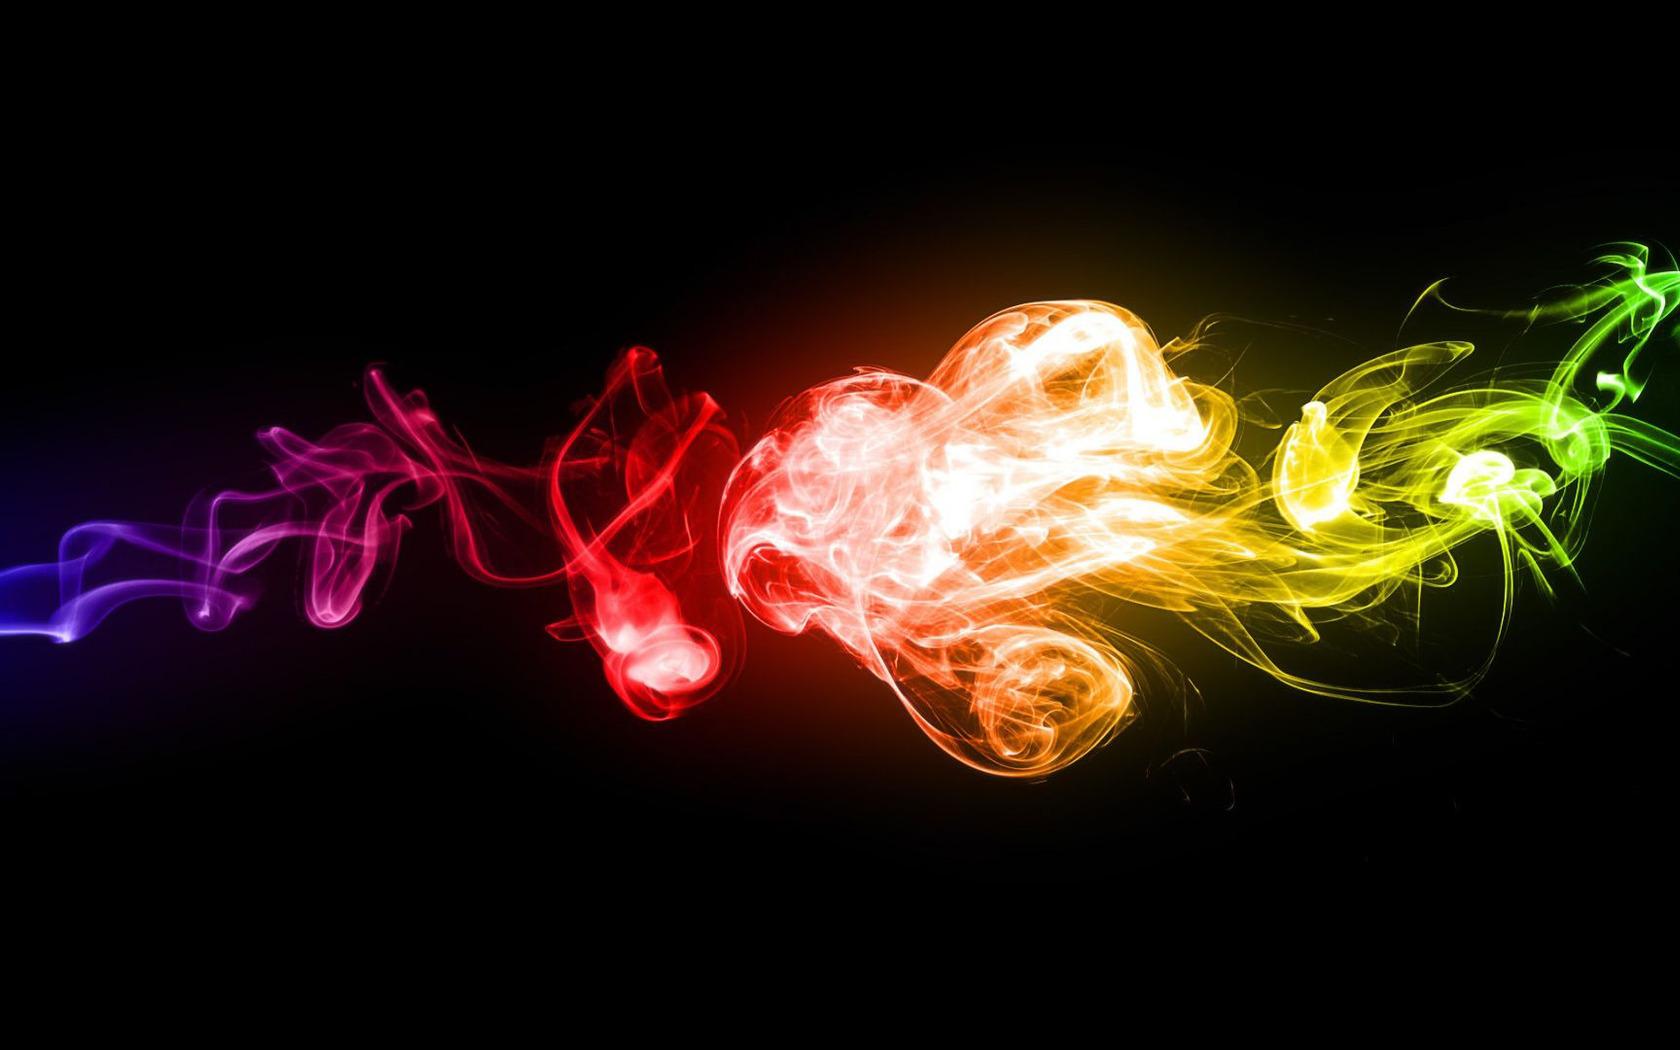 Colorful smoke wallpaper 6509 1680x1050